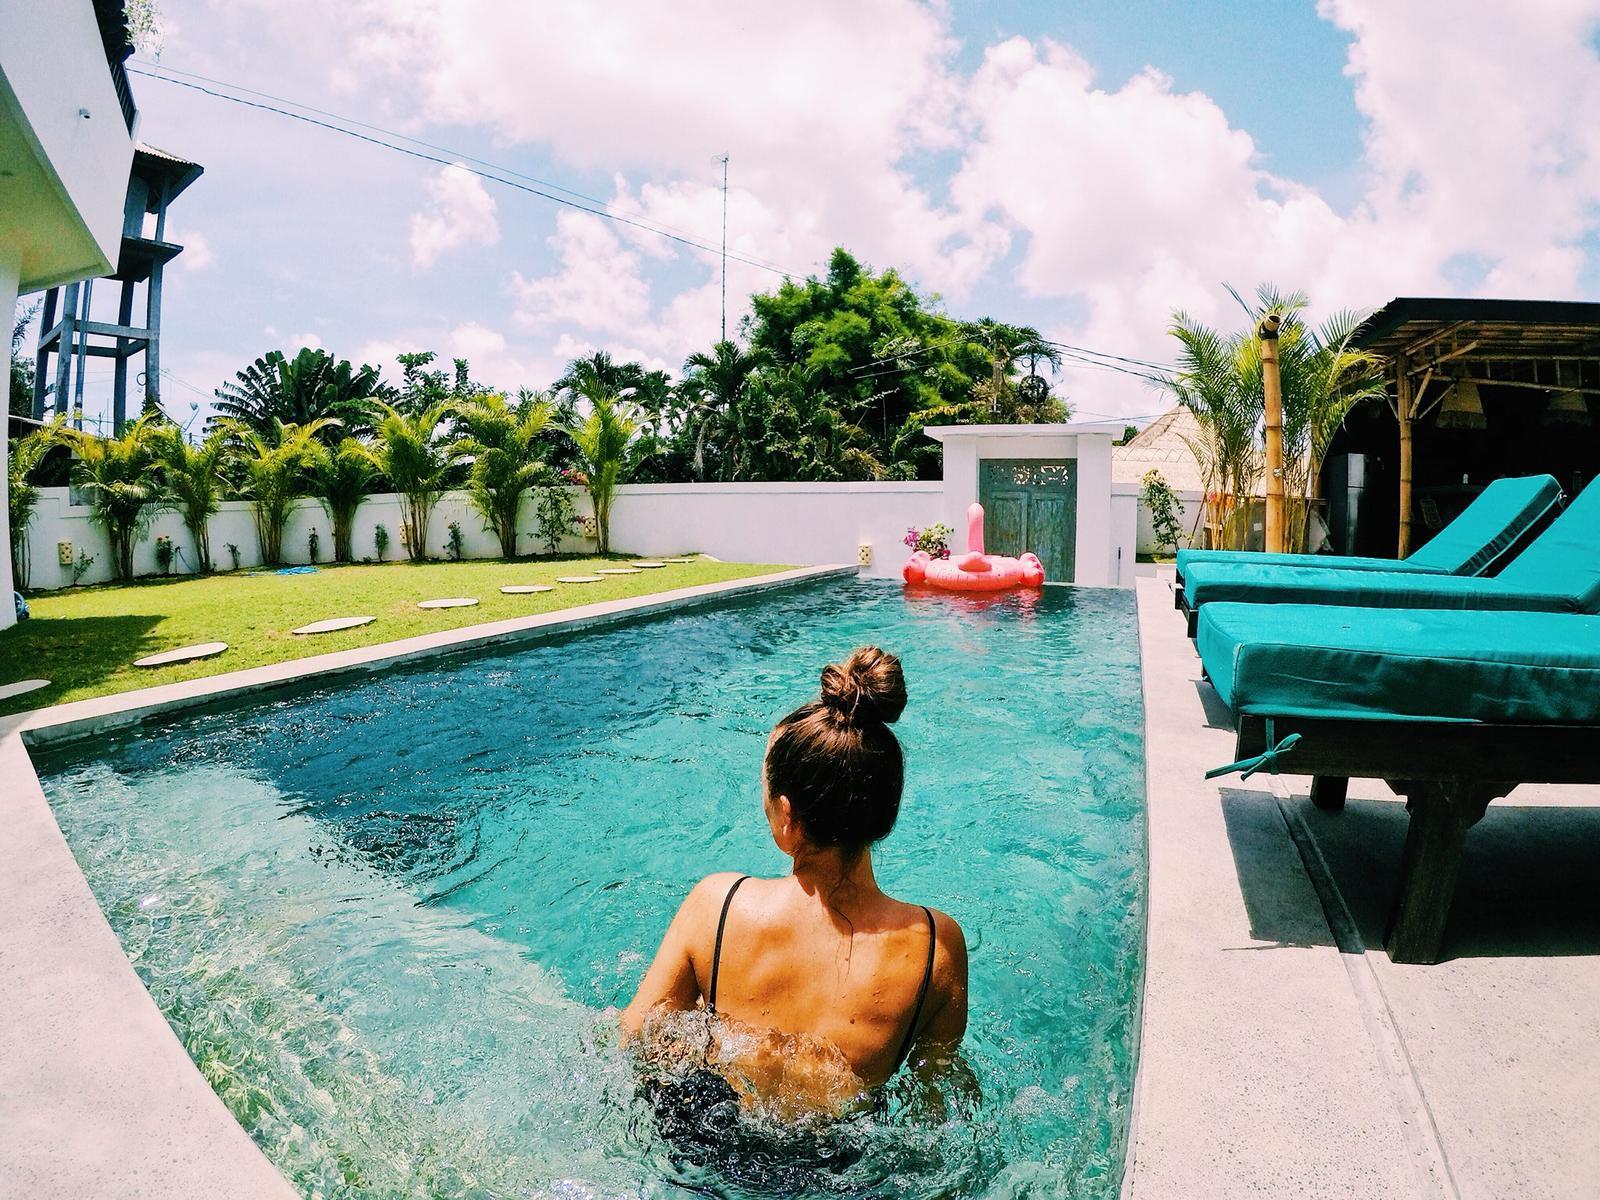 HappyFish Bali Yoga Retreats and More